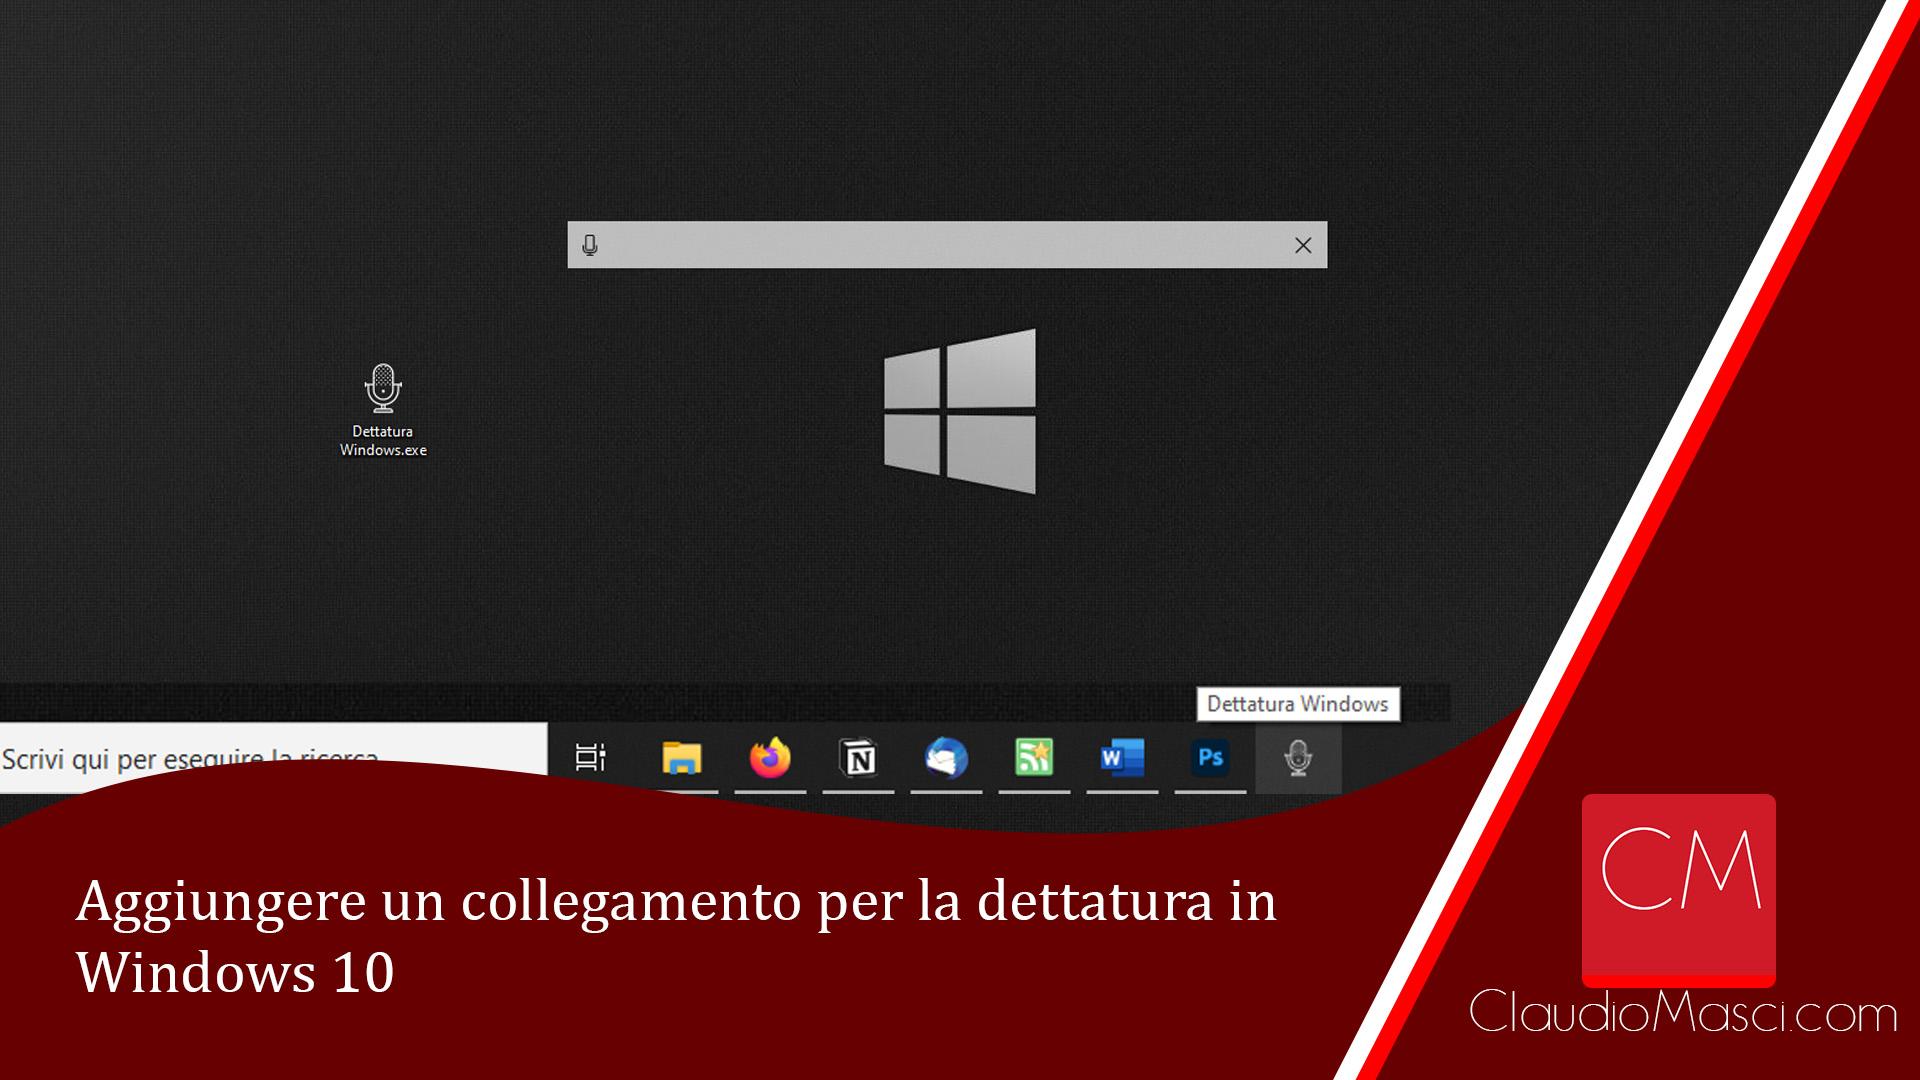 Aggiungere un collegamento per la dettatura di Windows 10